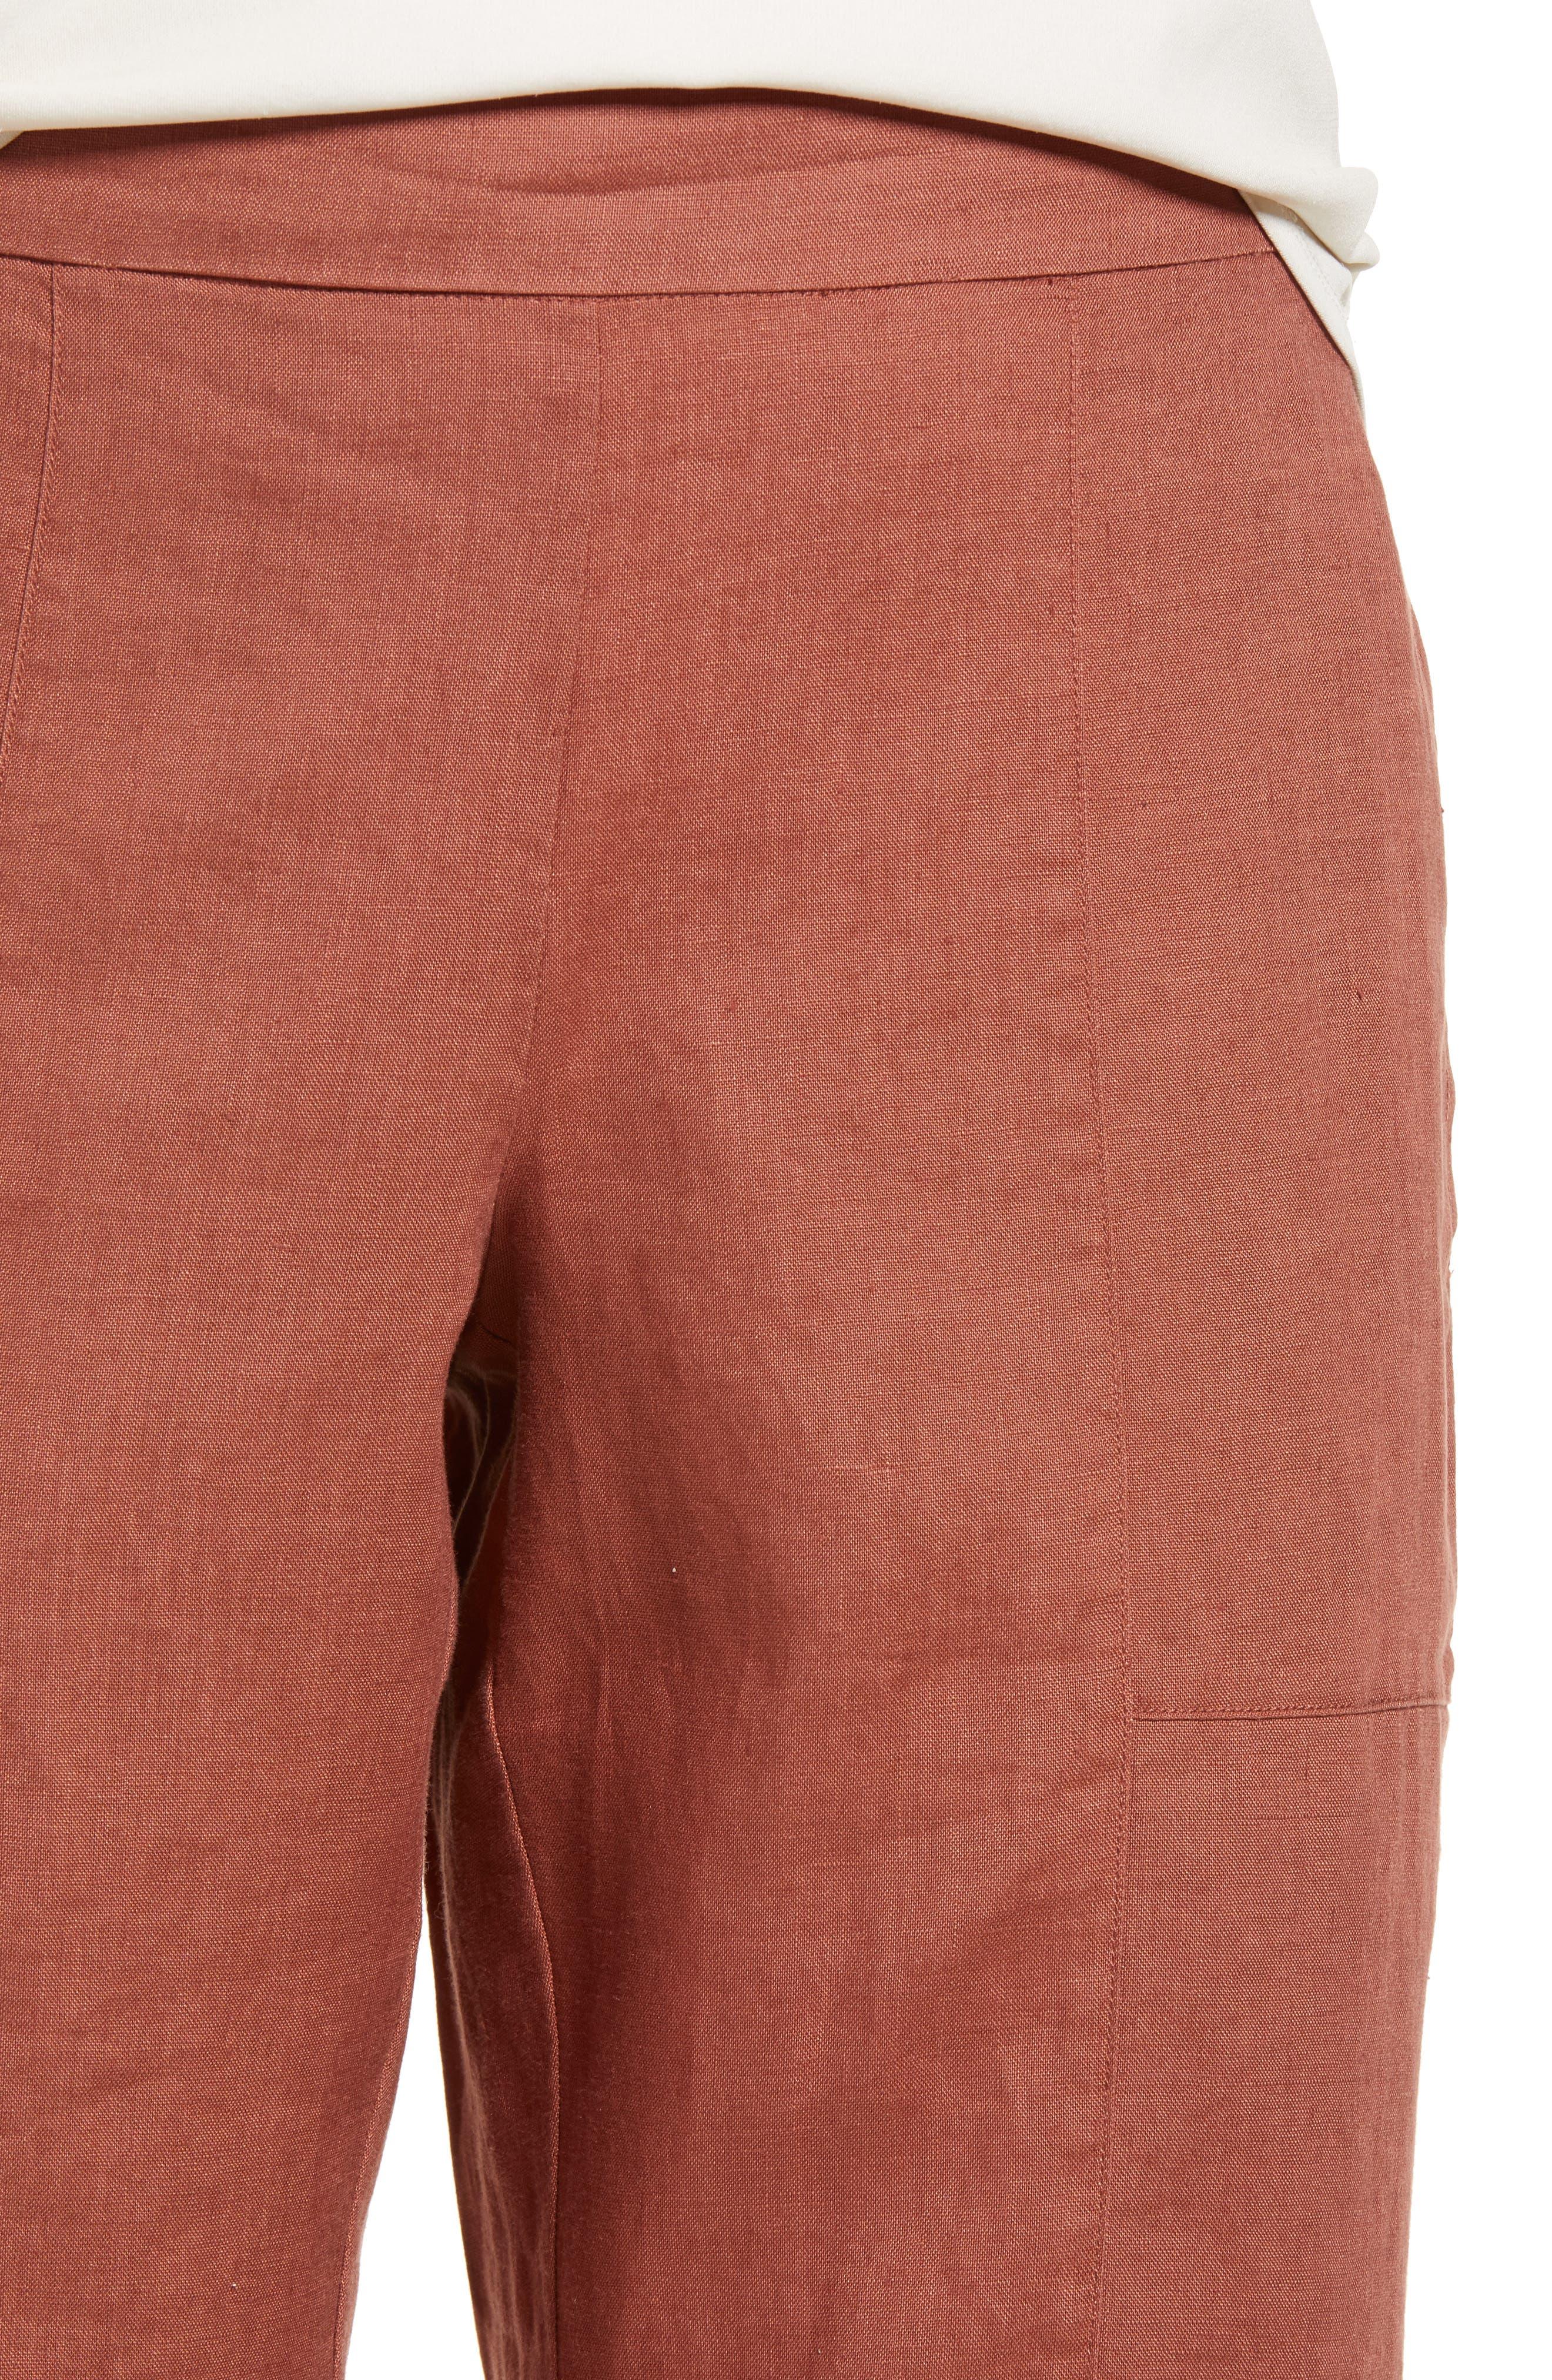 Organic Linen Crop Pants,                             Alternate thumbnail 4, color,                             Russet